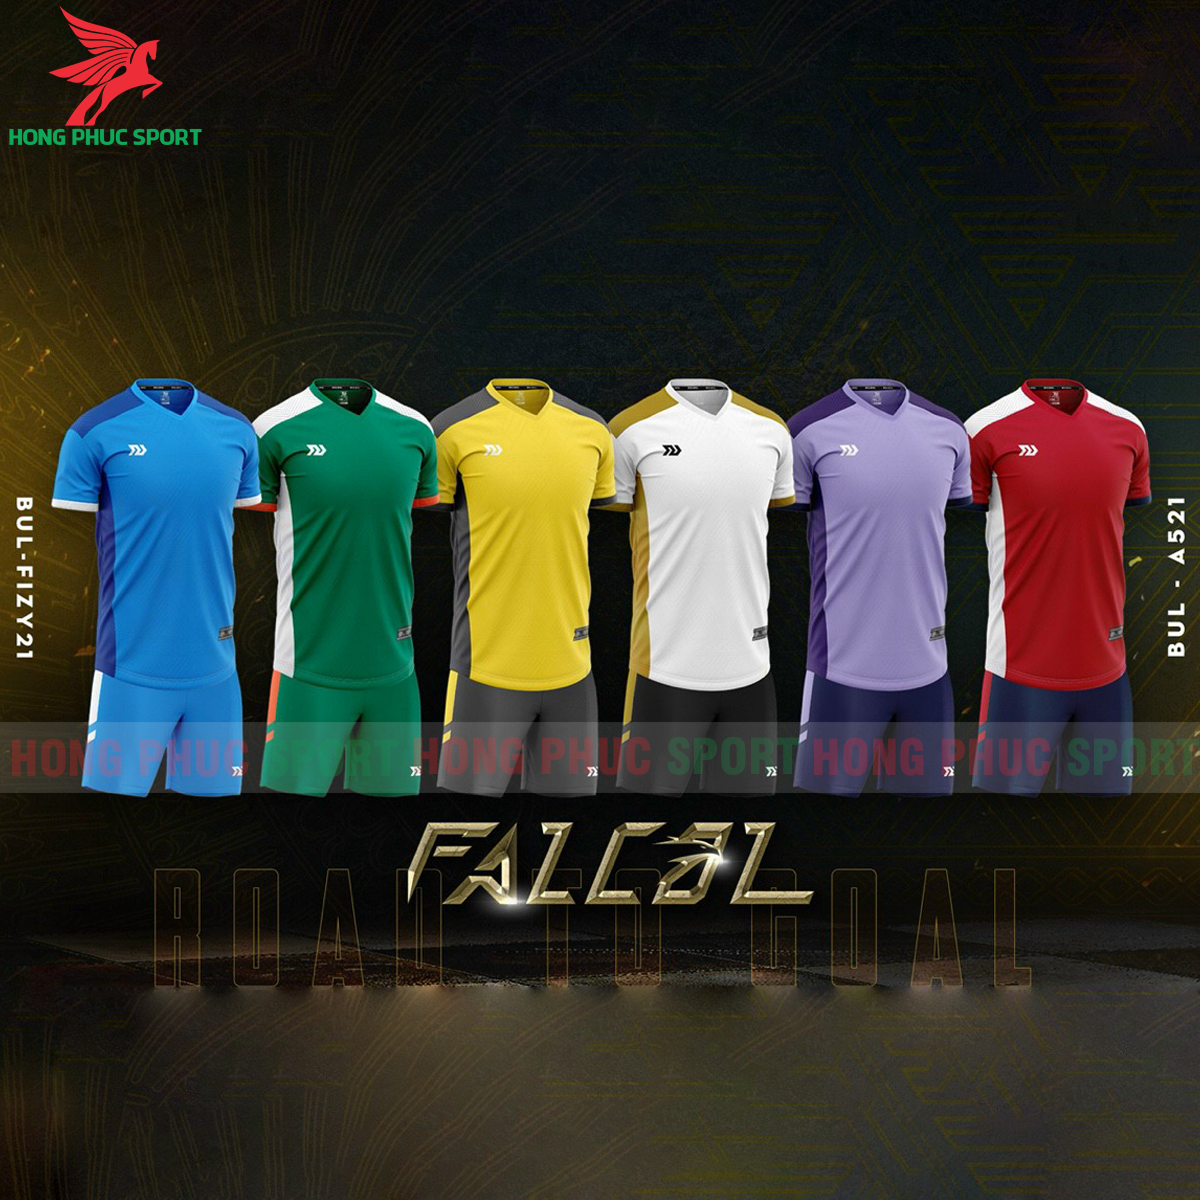 Áo đá banh không logo Bulbal Falcol 2021 màu đỏ